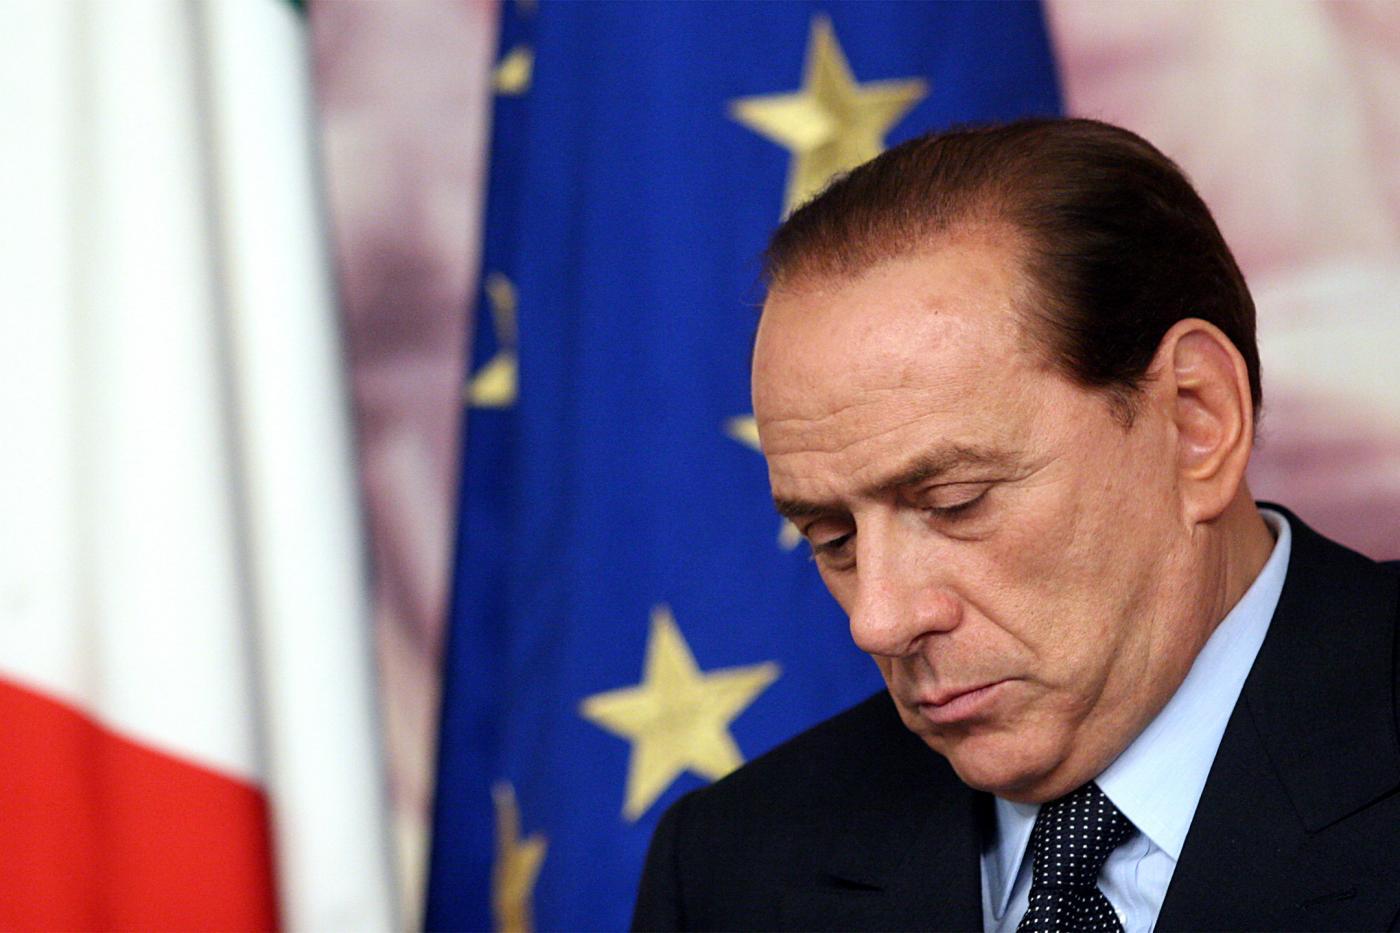 La sentenza Berlusconi sui giornali del mondo